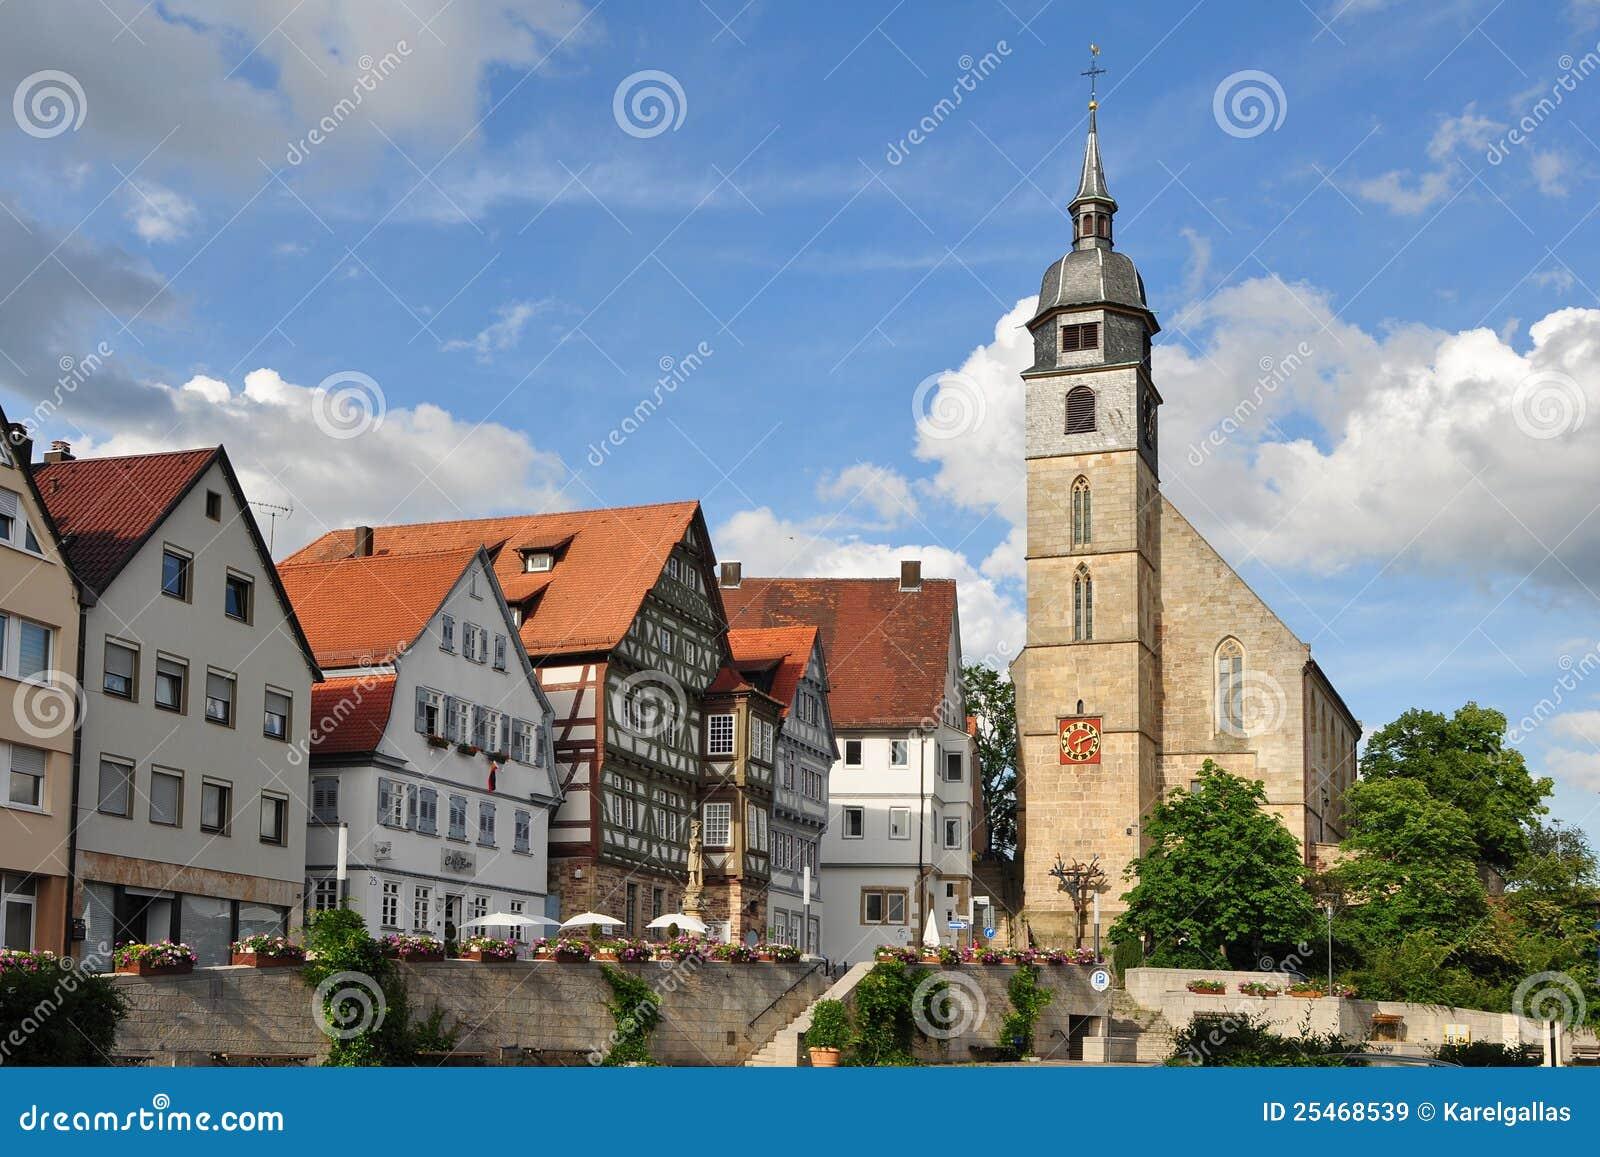 Boblingen Germany  City pictures : Beautiful town Boblingen near Stuttgart in Germany,Europe.